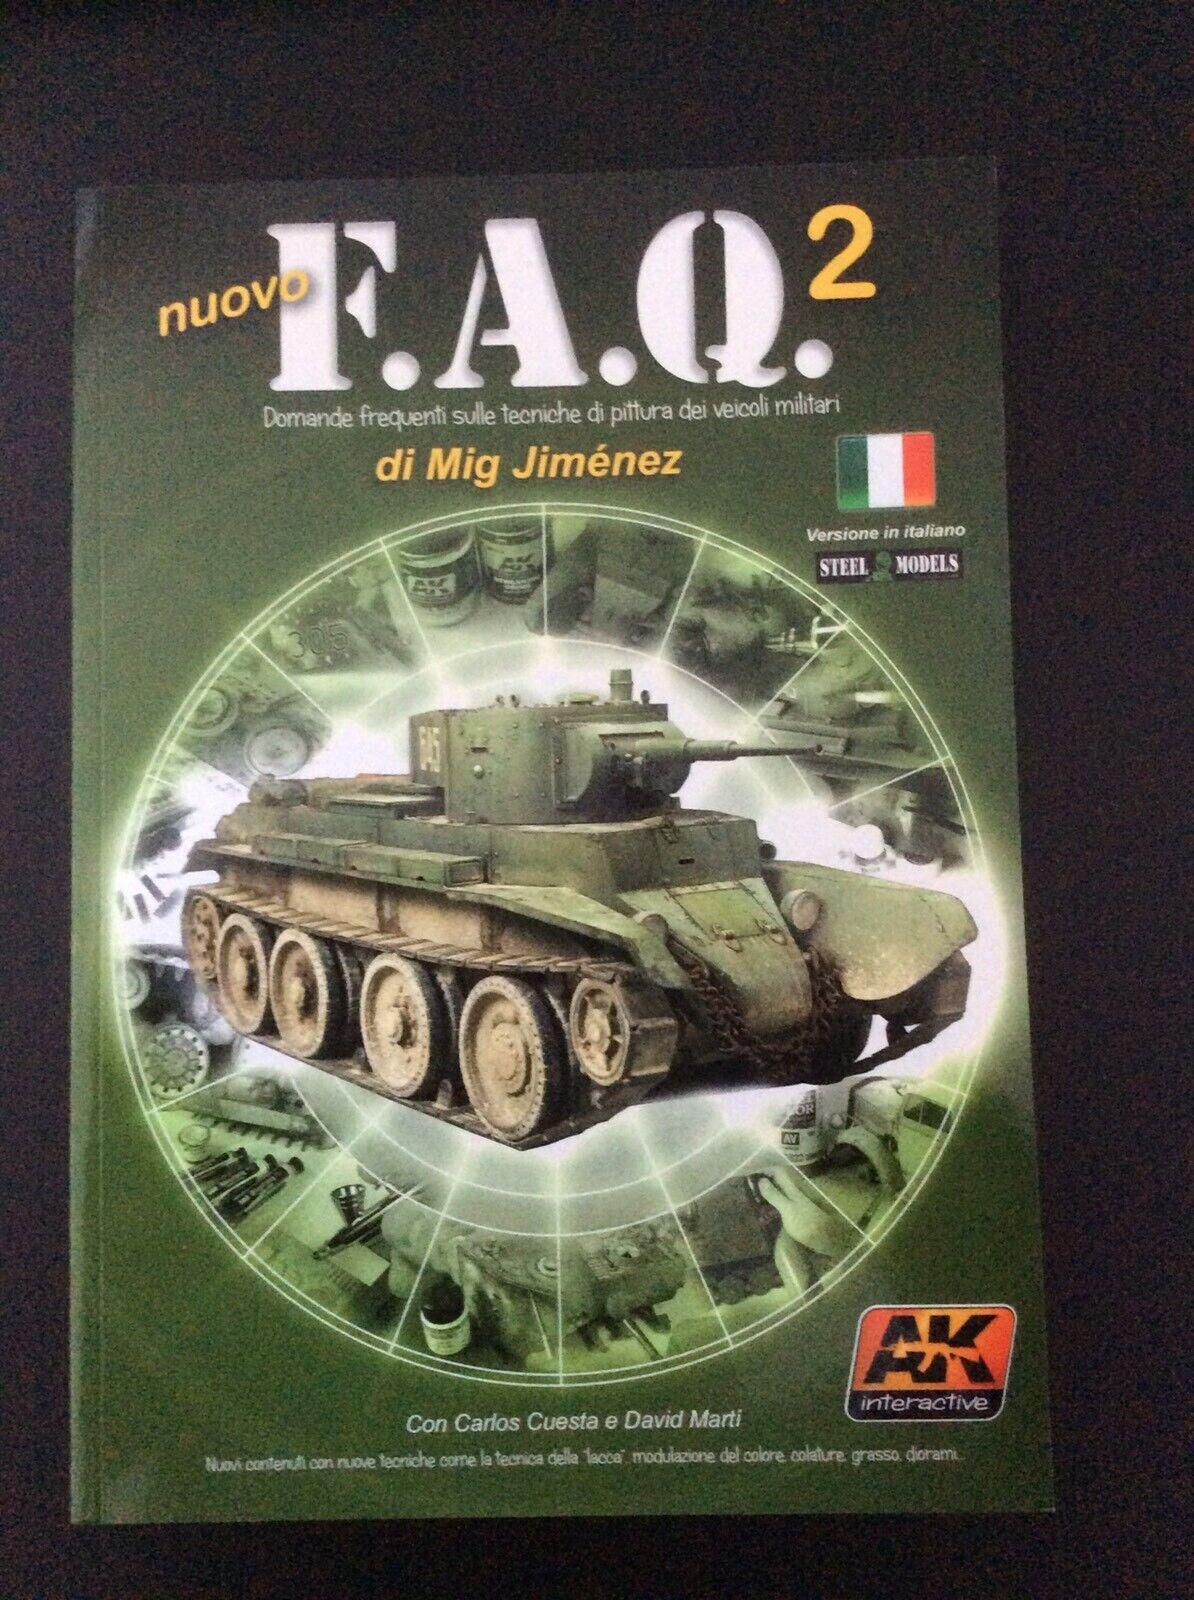 F.A.Q. 2  - Mig Jiménez - NUOVO  comprare a buon mercato